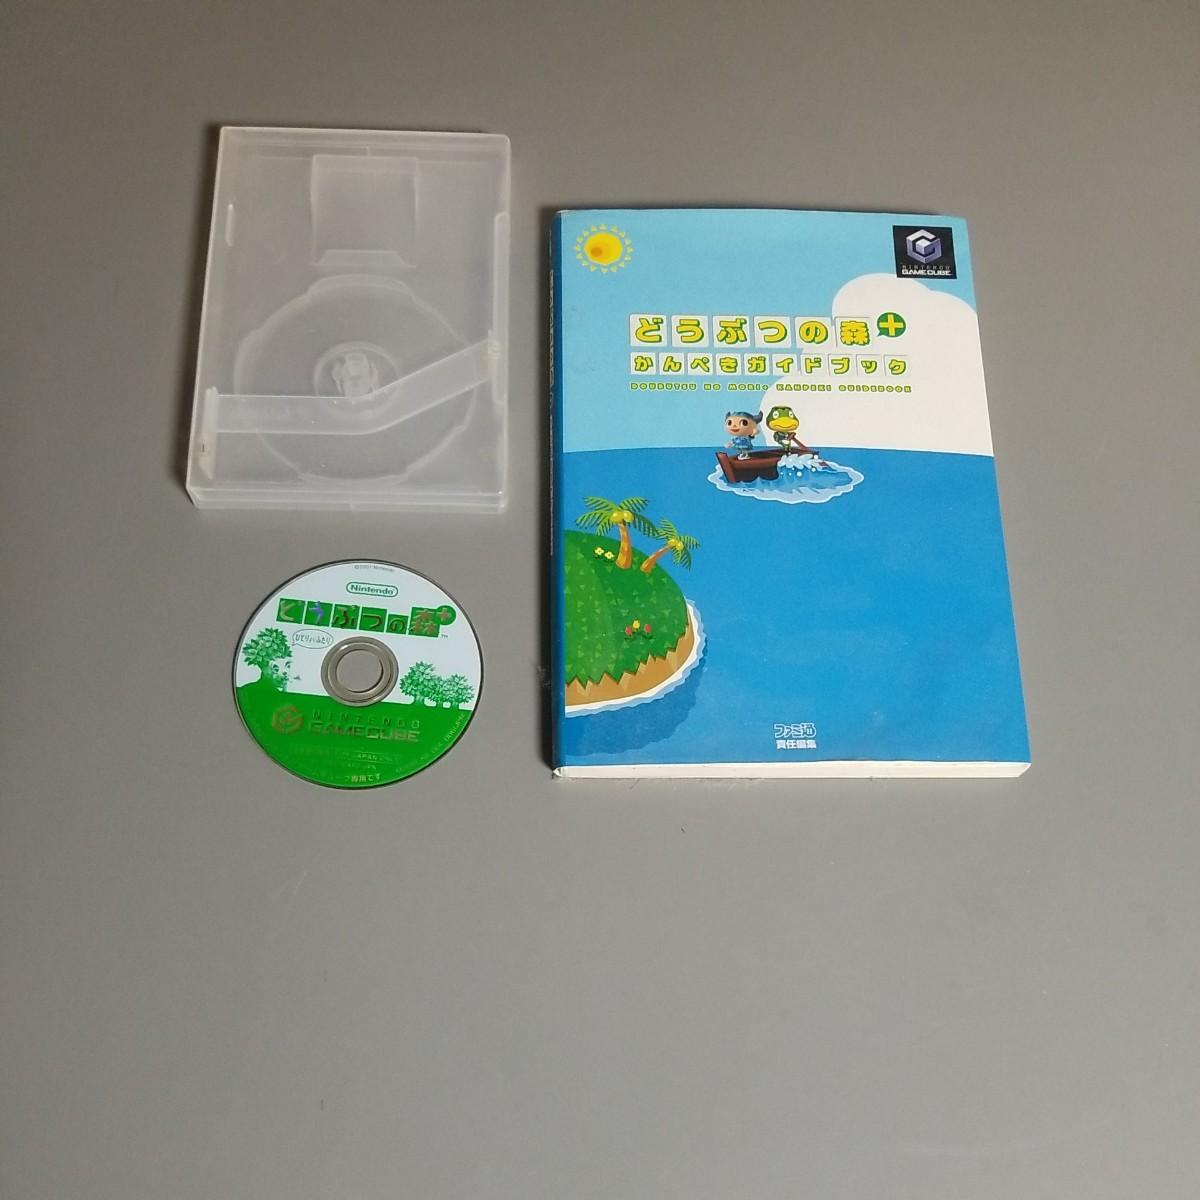 ゲームキューブ兼switch用どうぶつのもりと攻略本と送料込